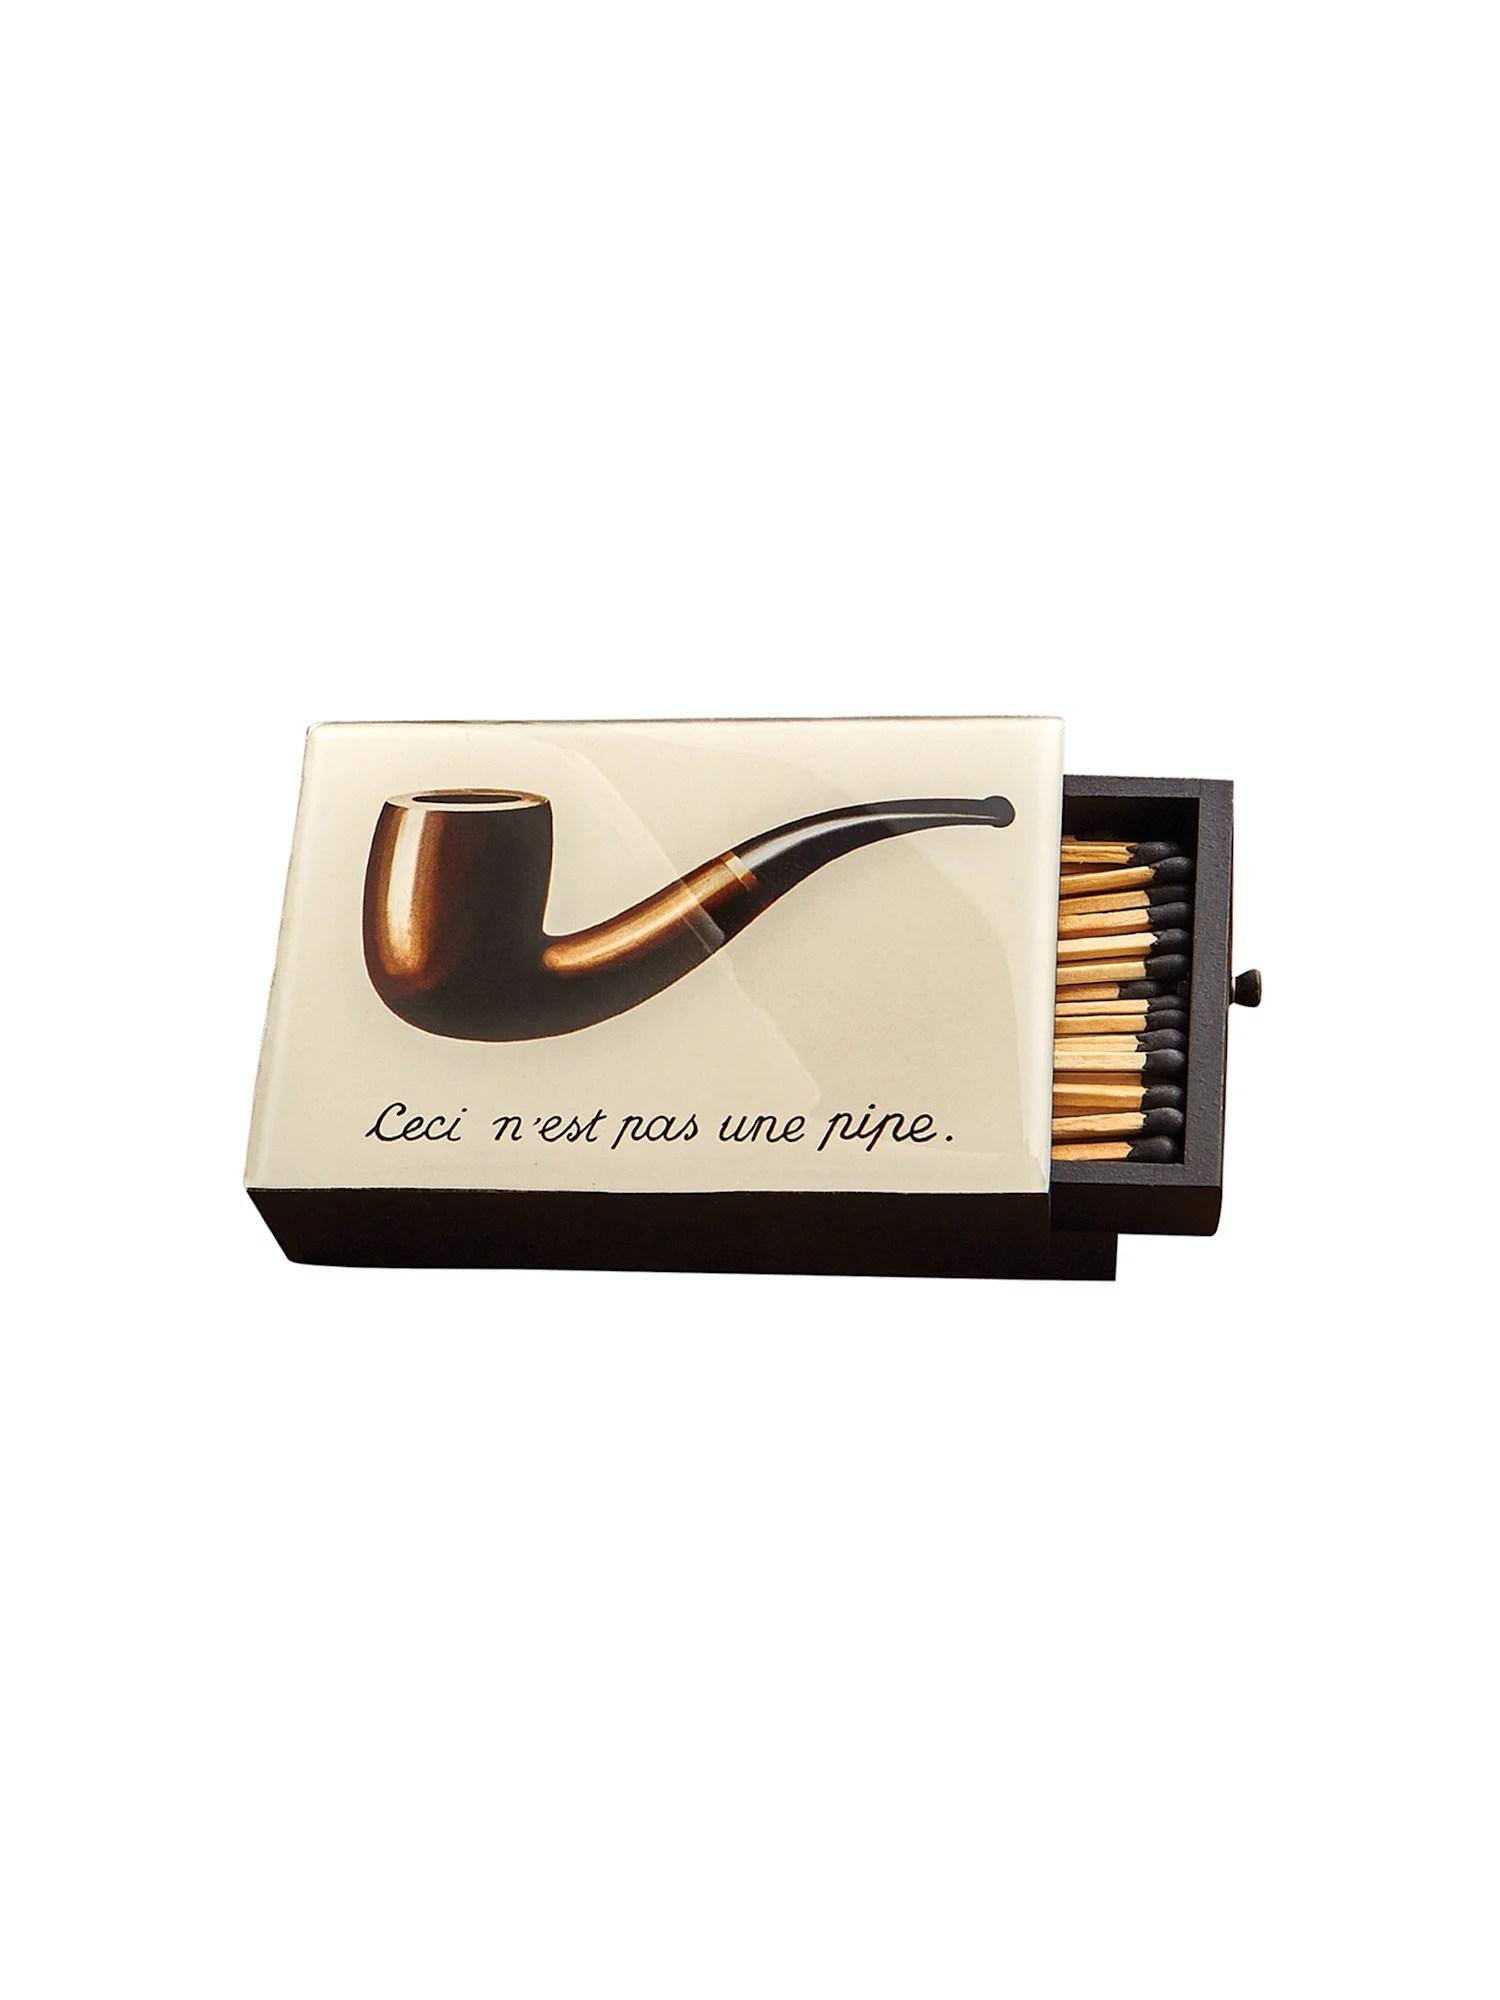 Ceci N'est Pas Une Pipe : n'est, N'est, Matchbox,, Reusable, Wooden, Match, Storage, Matches, Walmart.com